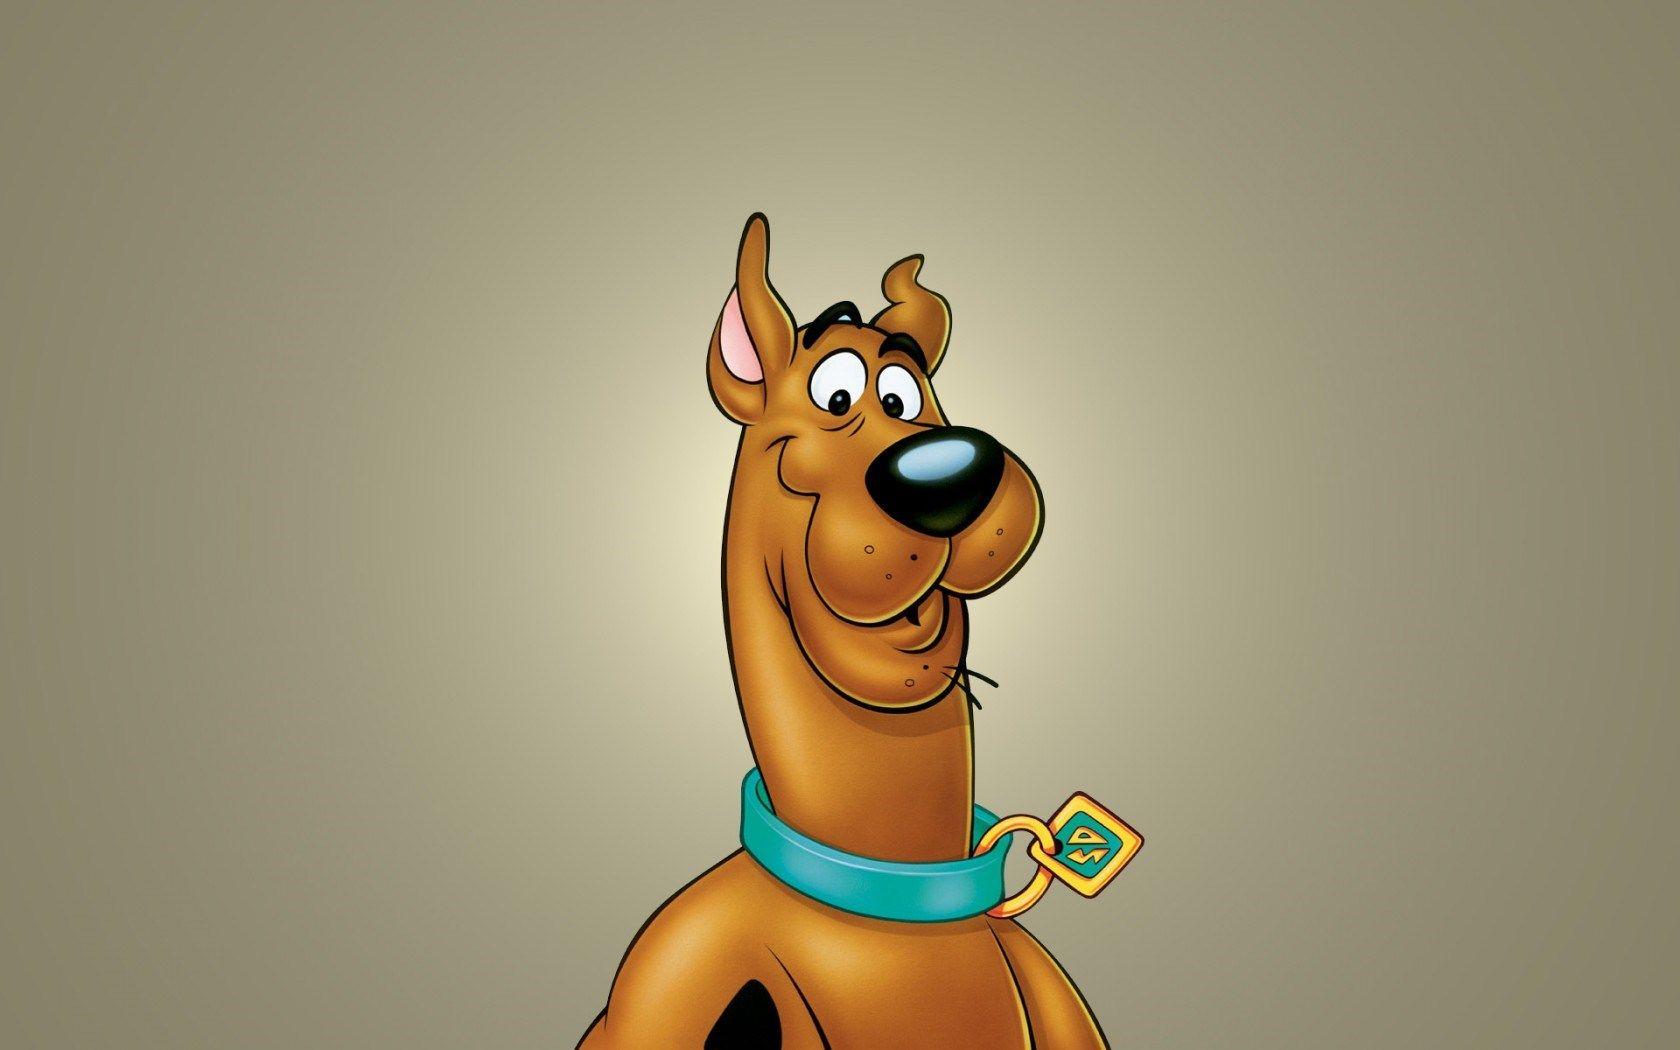 Scooby Doo Wallpapers   Top Scooby Doo Backgrounds 1680x1050